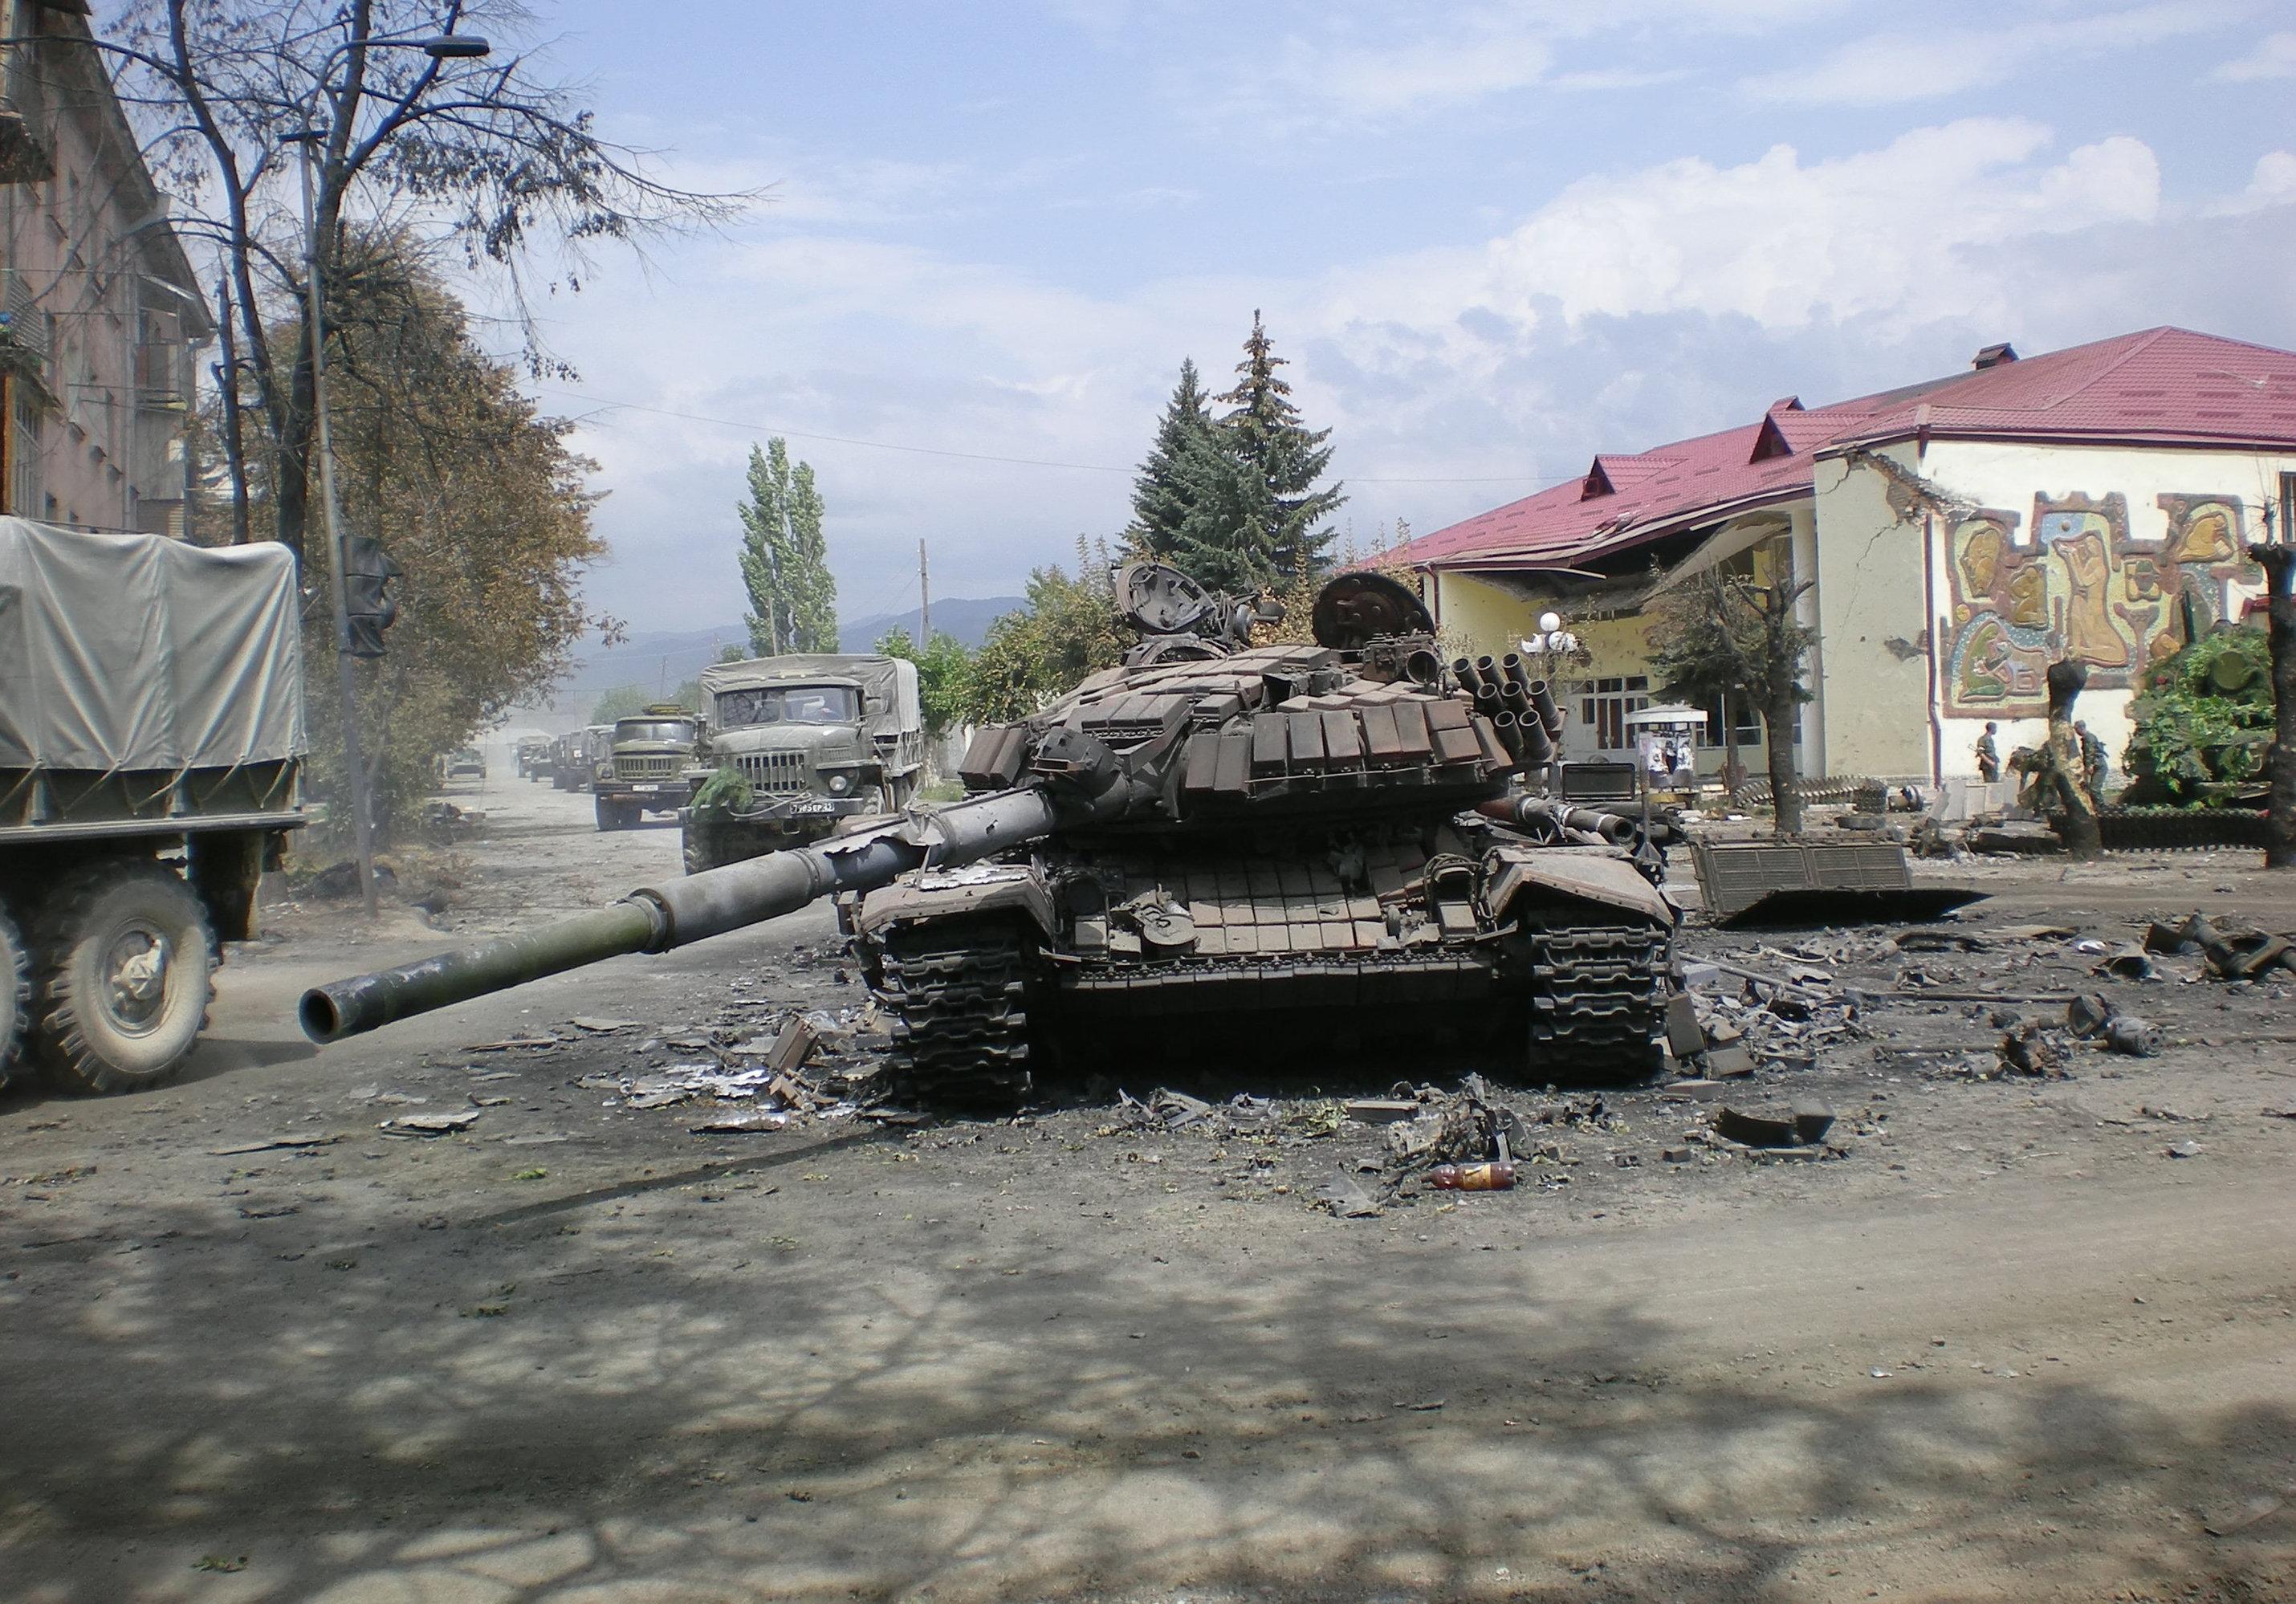 Tskhinvali, South Ossetia, August 2008